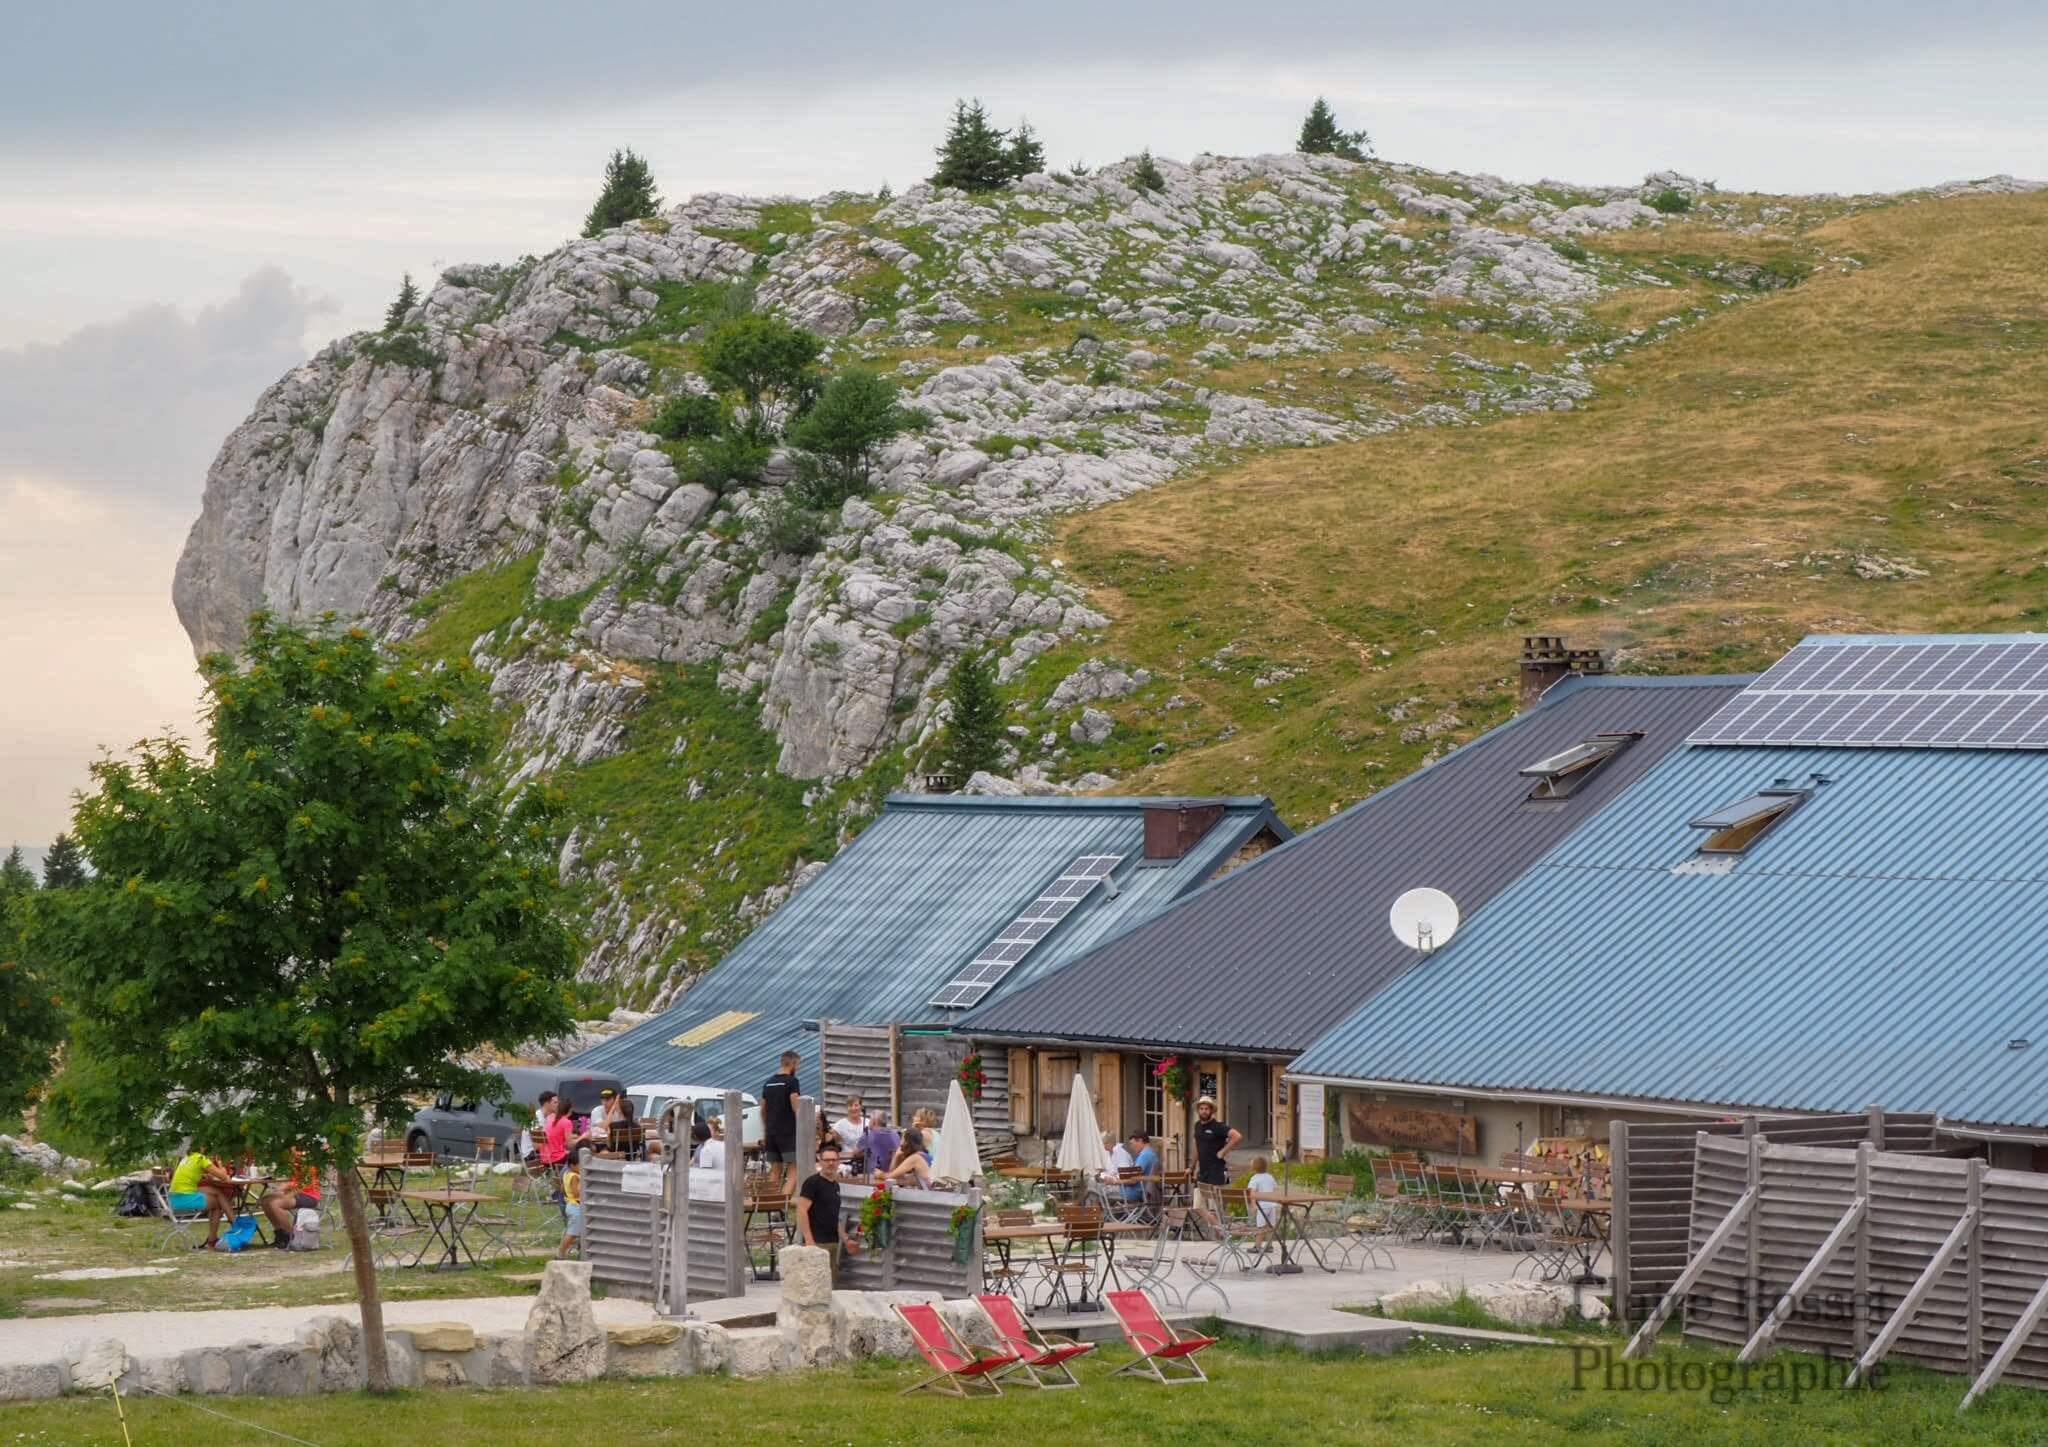 Auberge du Charmant Som, restaurant isolé dans la nature © Claire ROSSET